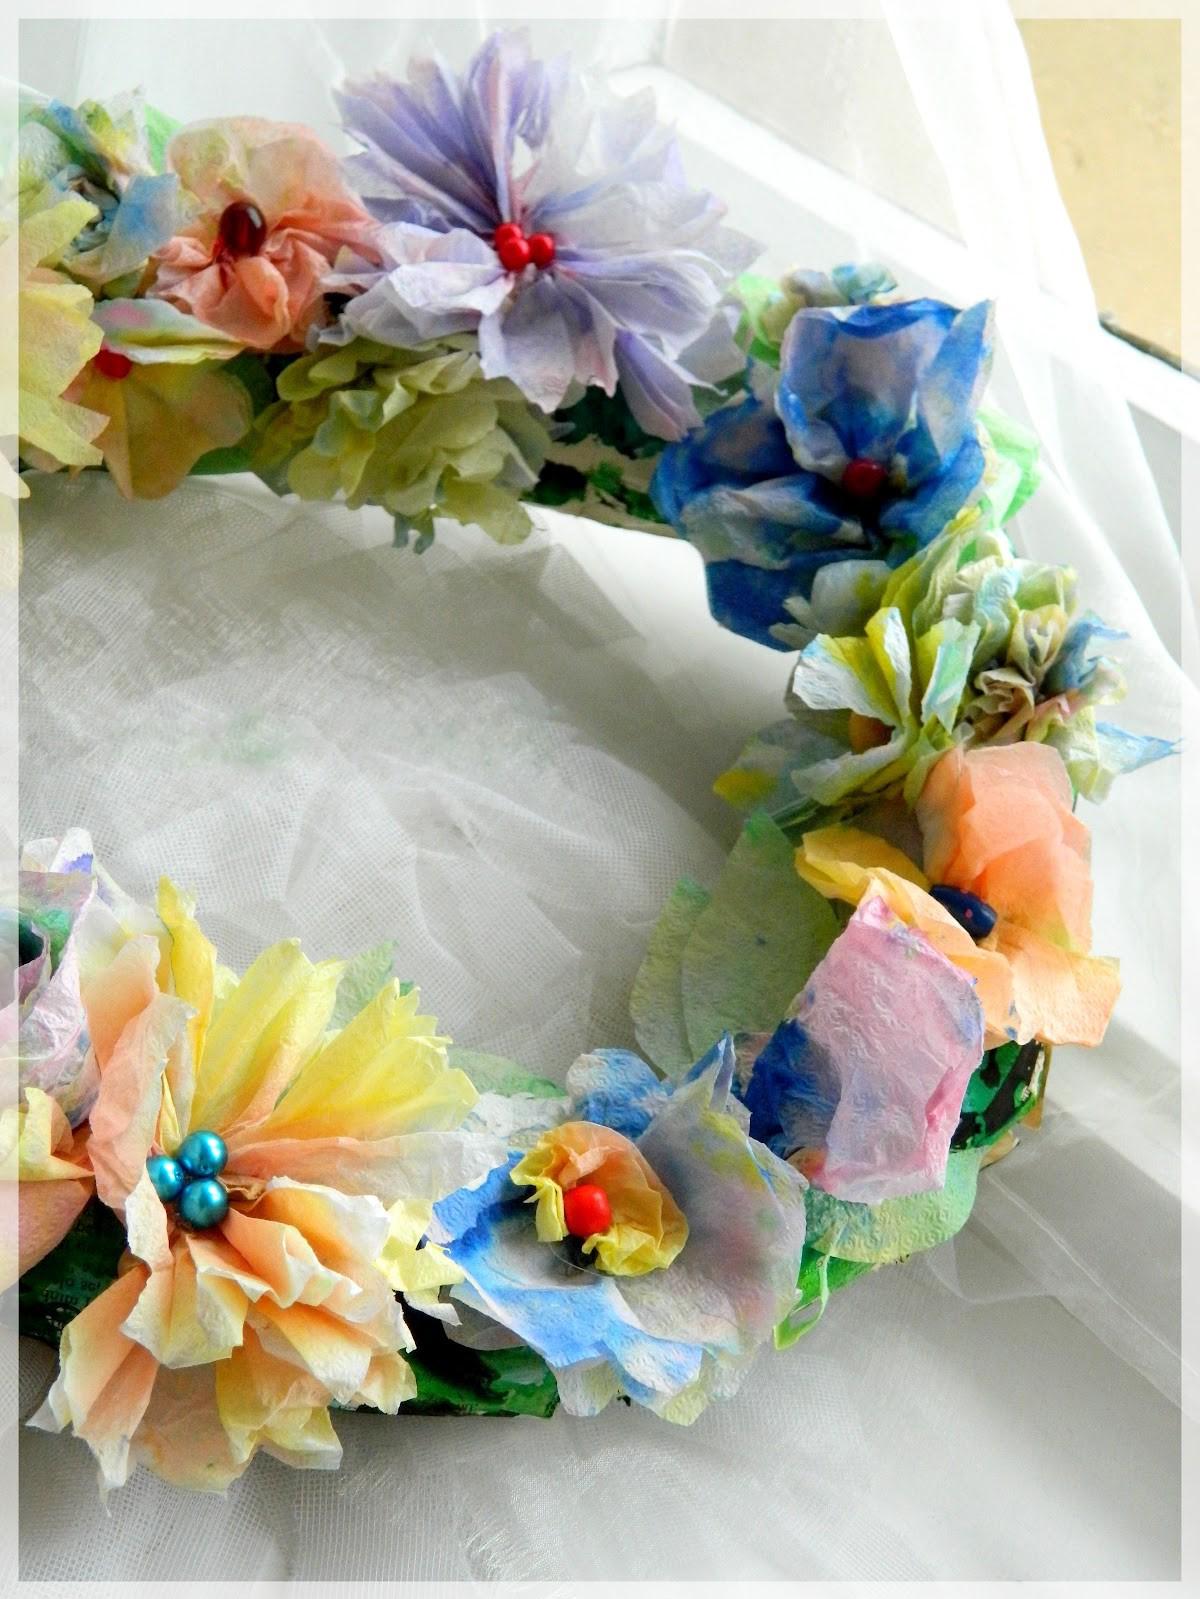 Une belle couronne de Pâques faite par soi-même avec des fleurs en papier